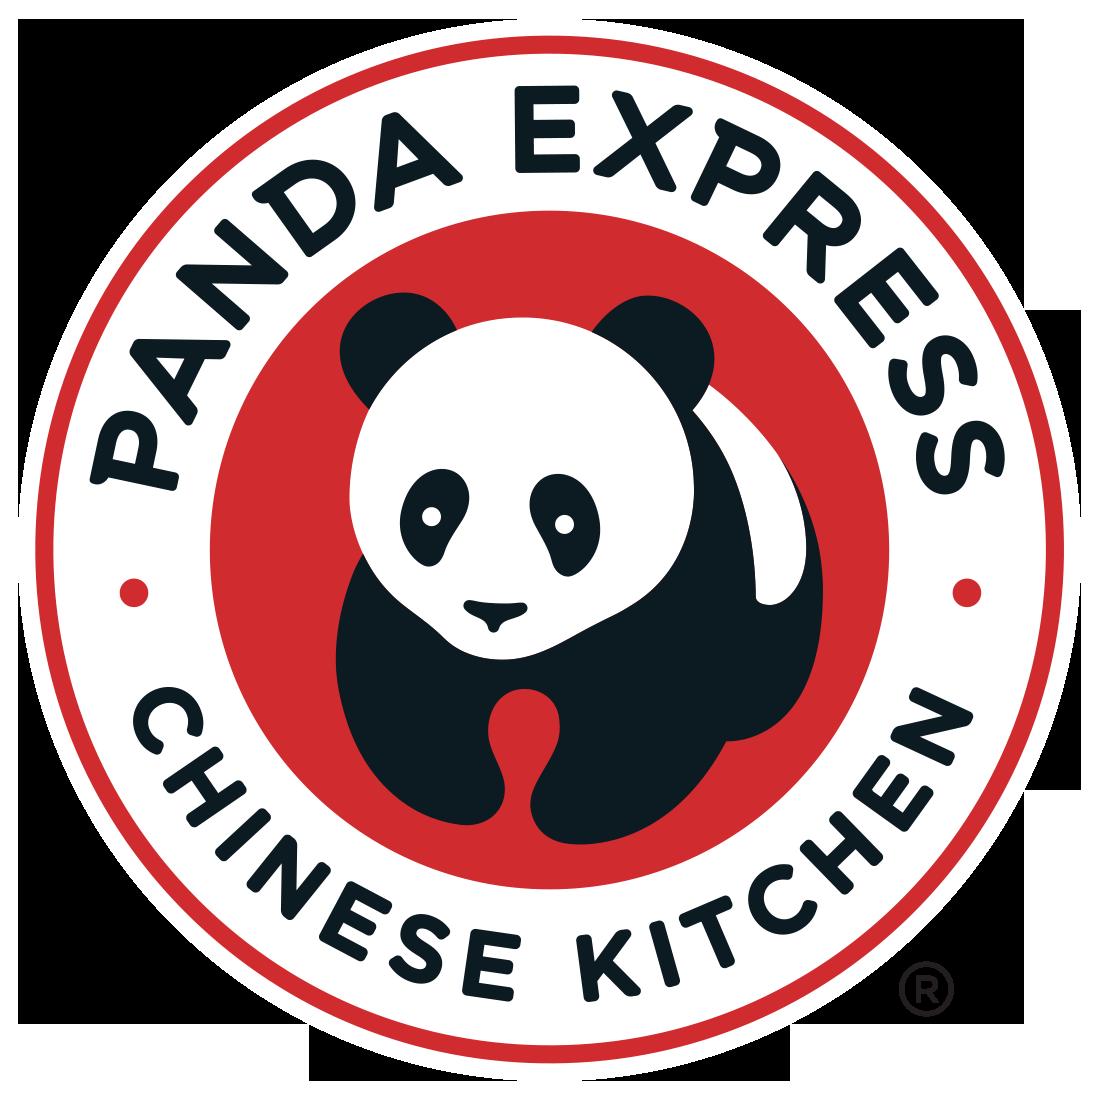 Logo_panda express_Lockup_WhiteBorder (1).png